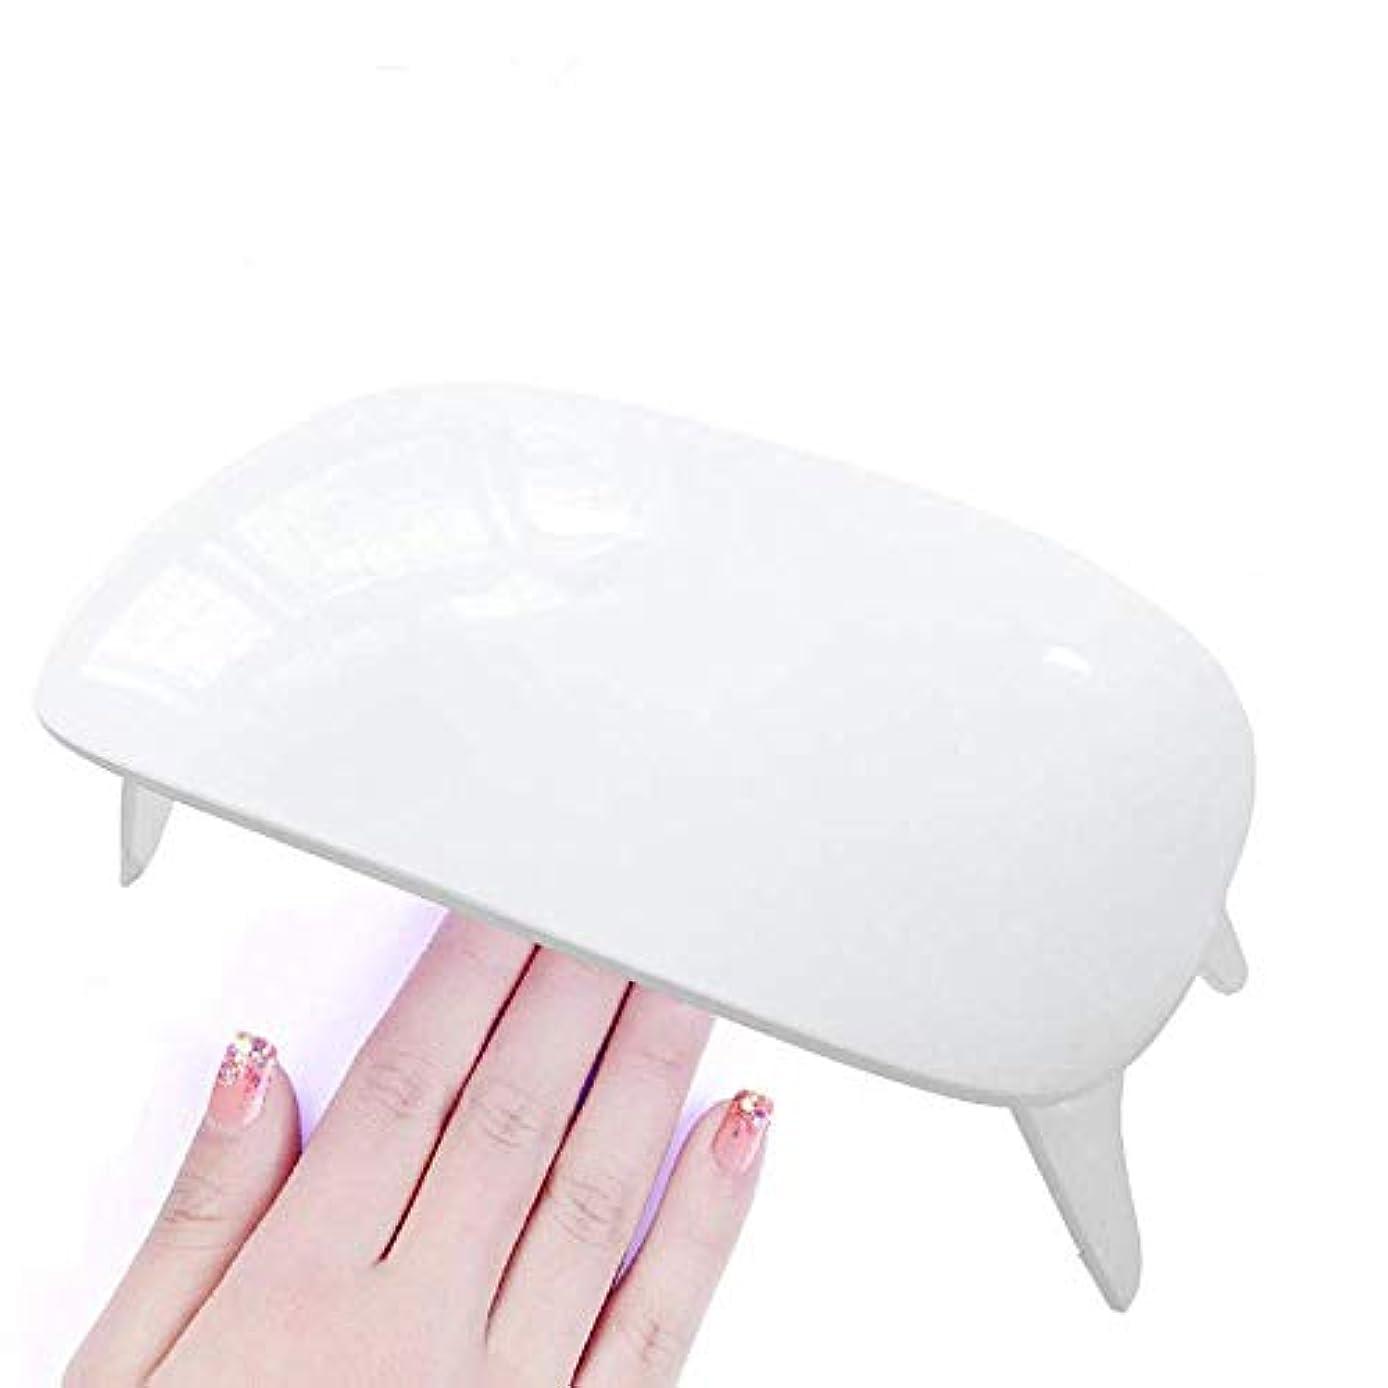 政府採用菊UVライト LEDネイルドライヤー ジェルネイルLEDライト 硬化ライト タイマー設定可能 折りたたみ式手足とも使える 人感センサー式 UV と LEDダブルライト ジェルネイル用 (白)